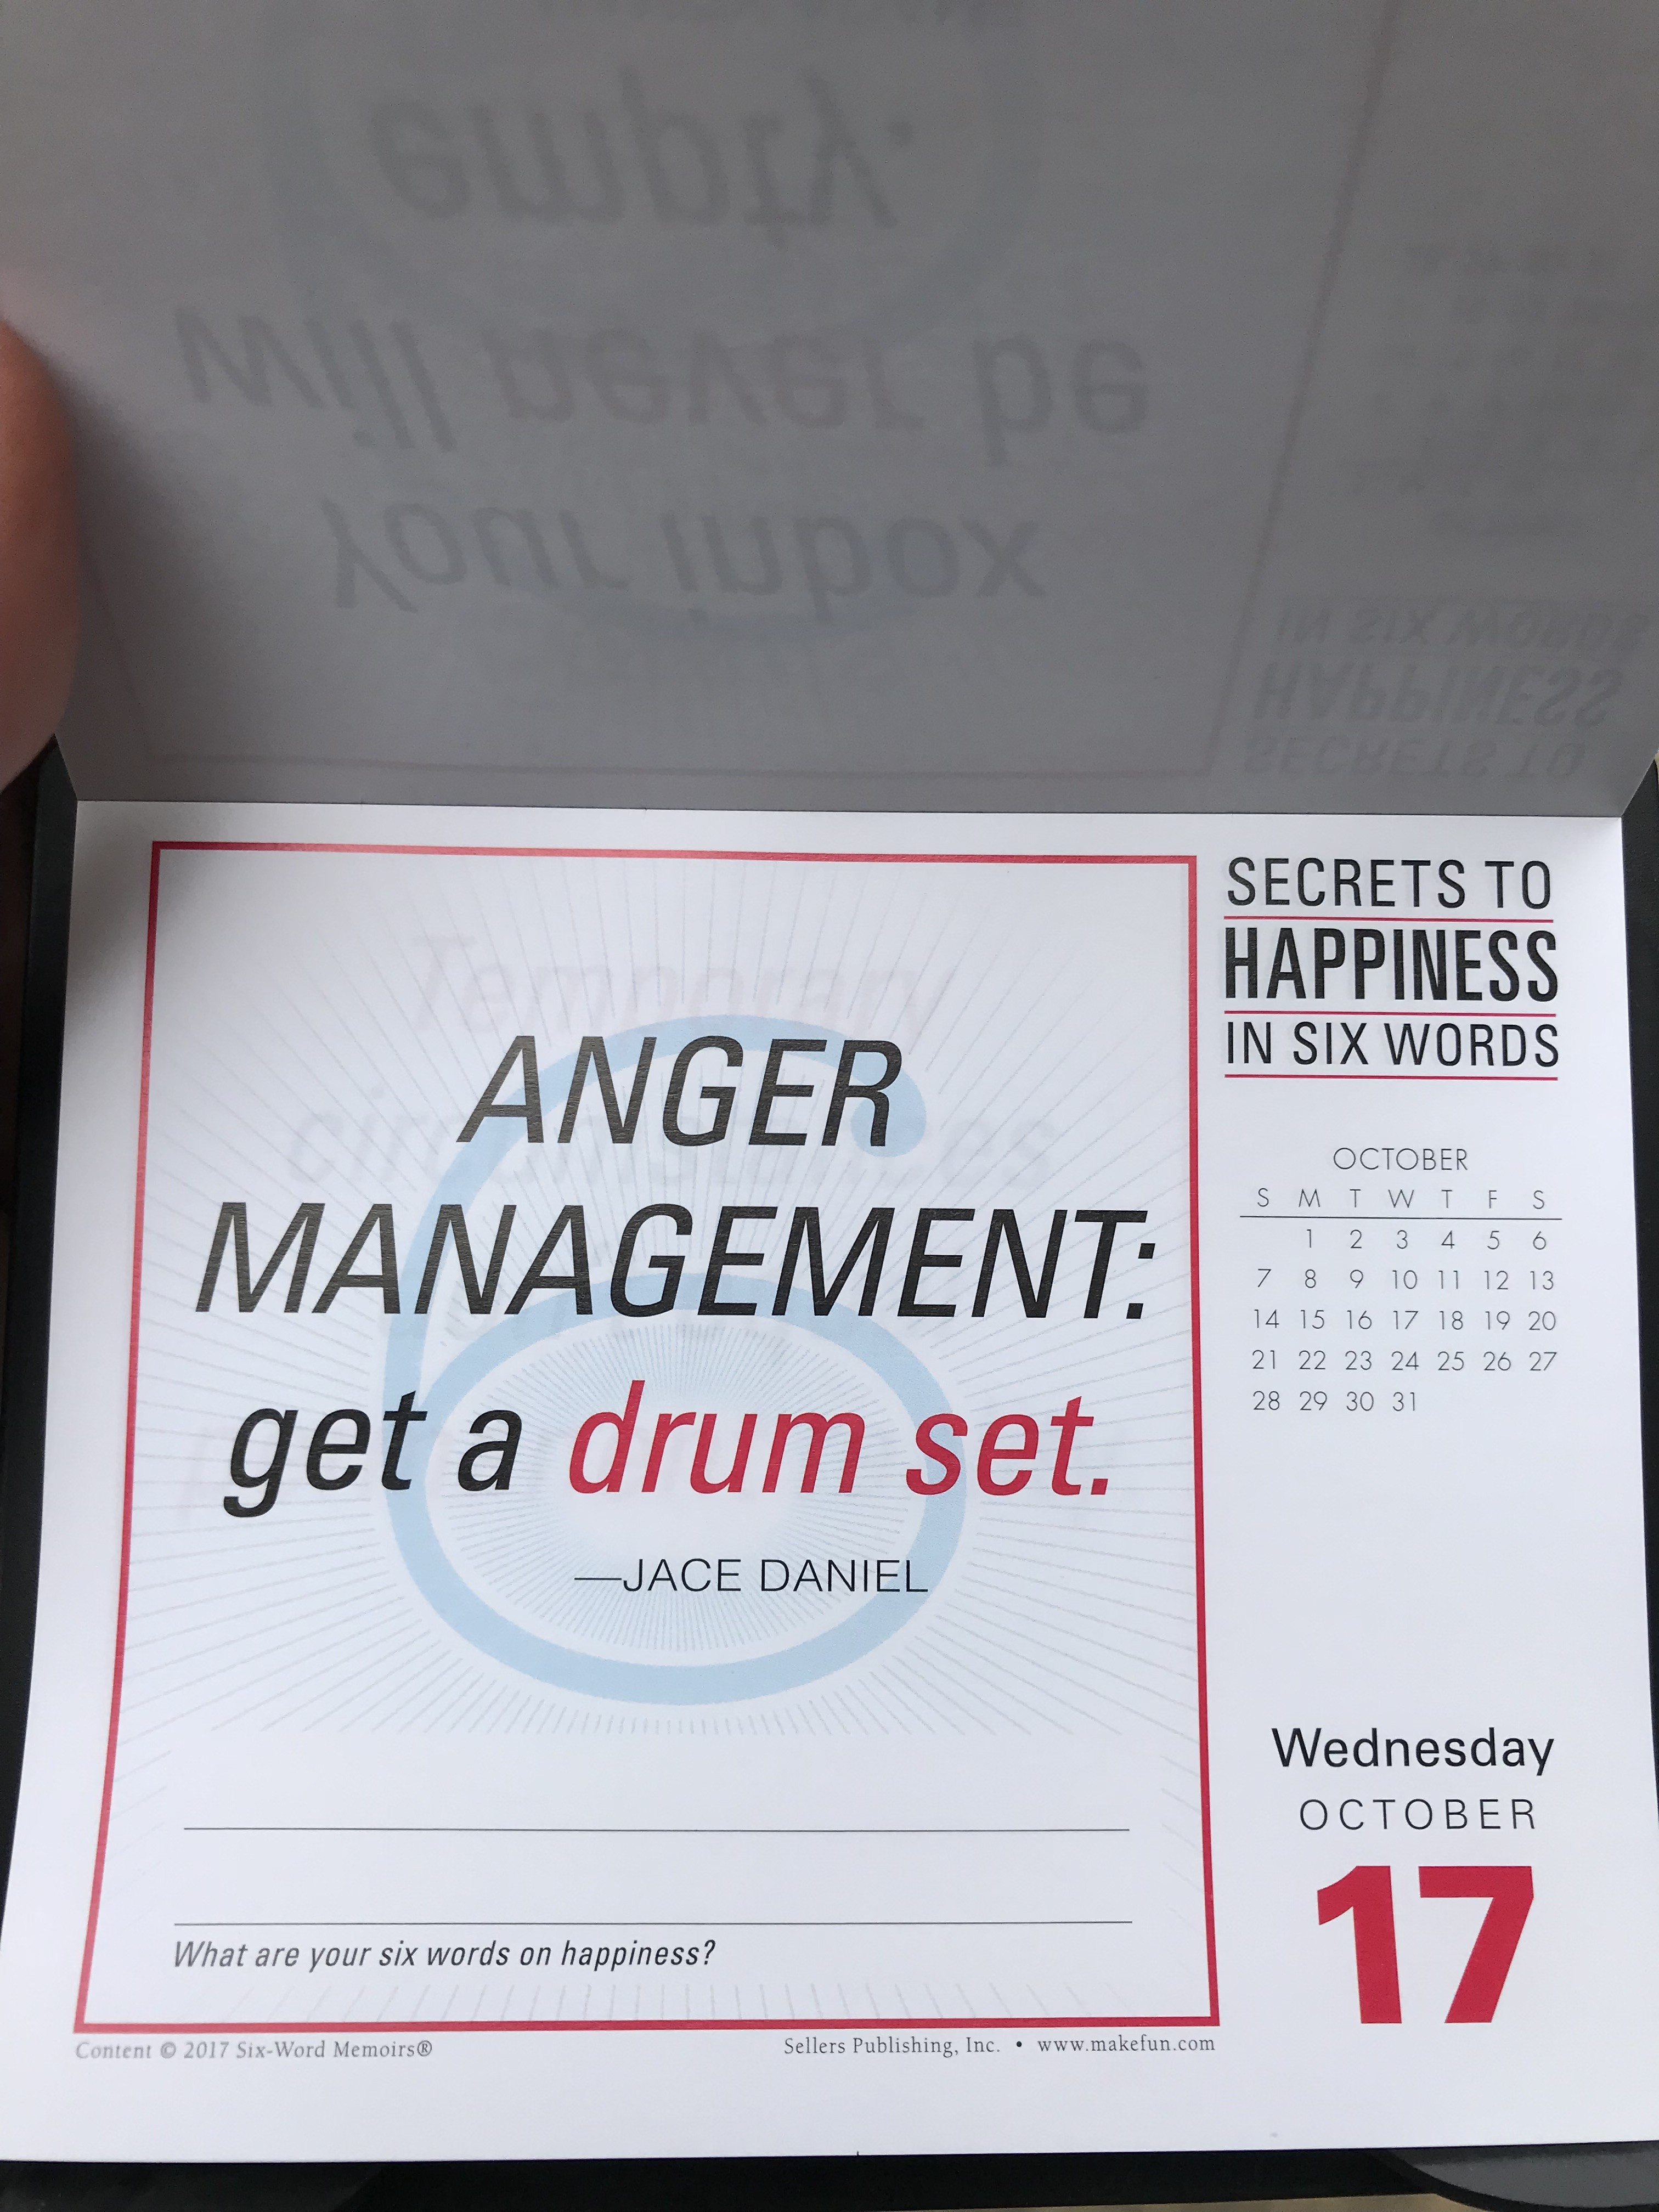 ANGER MANAGEMENT: Get a drum set